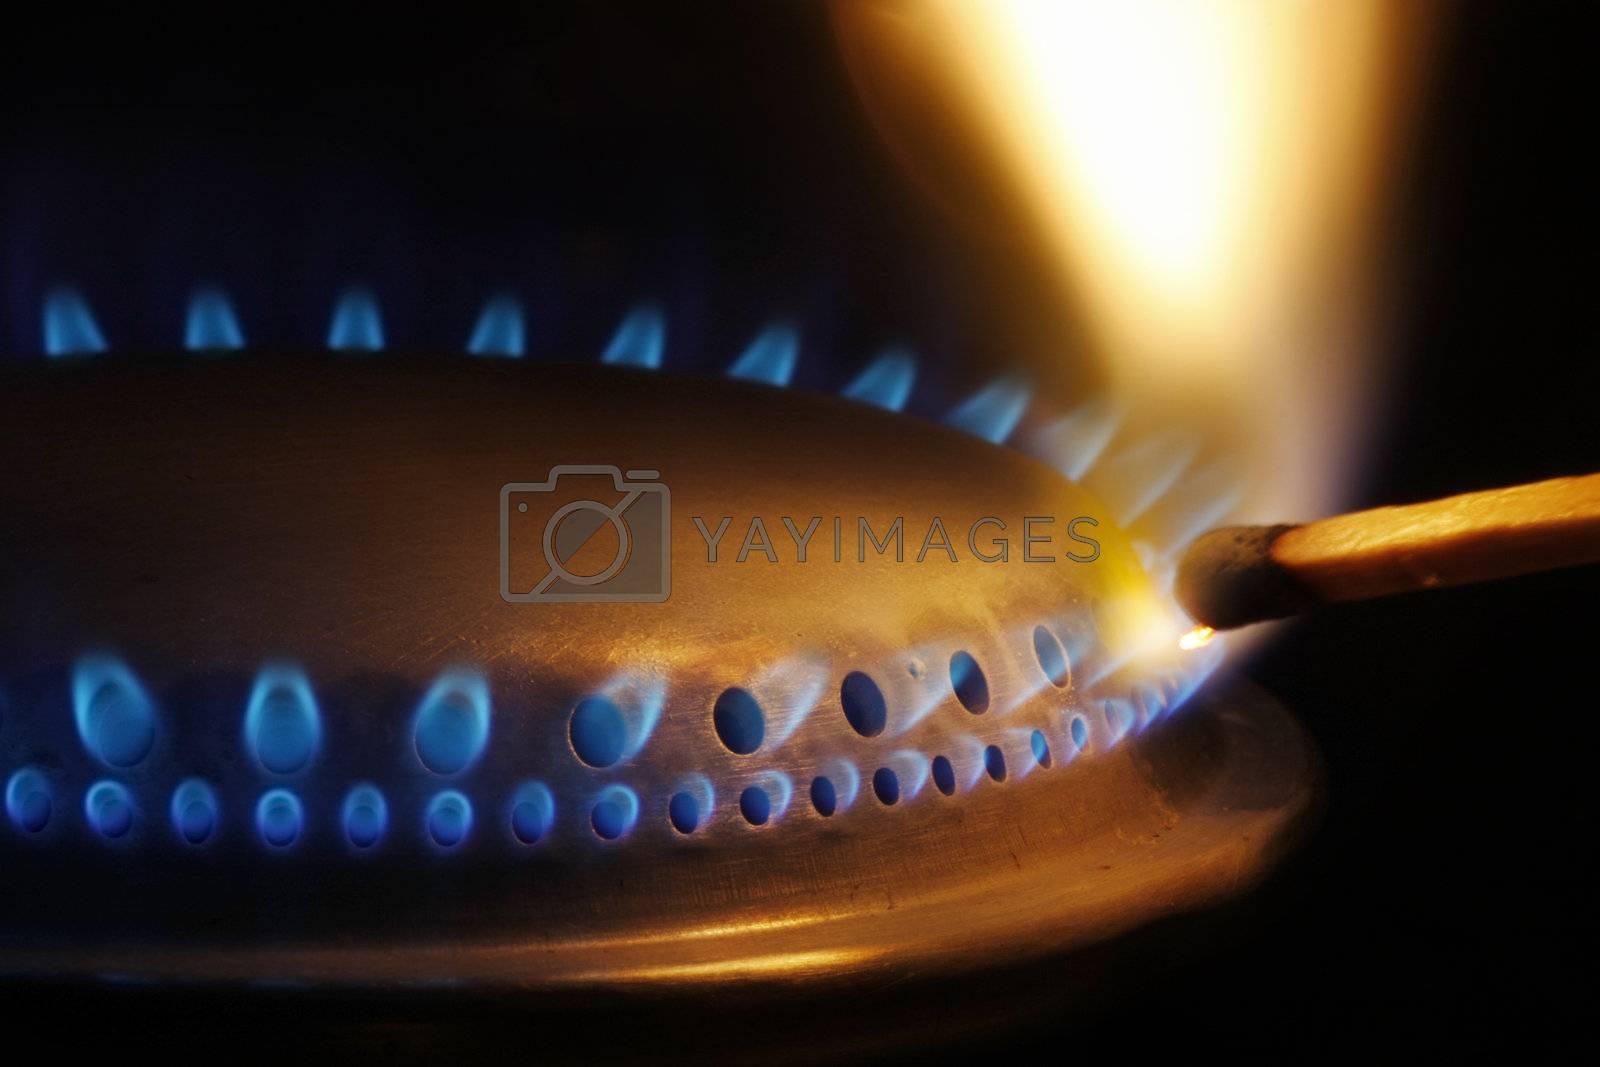 Match lightening a gas stove by ArtmannWitte